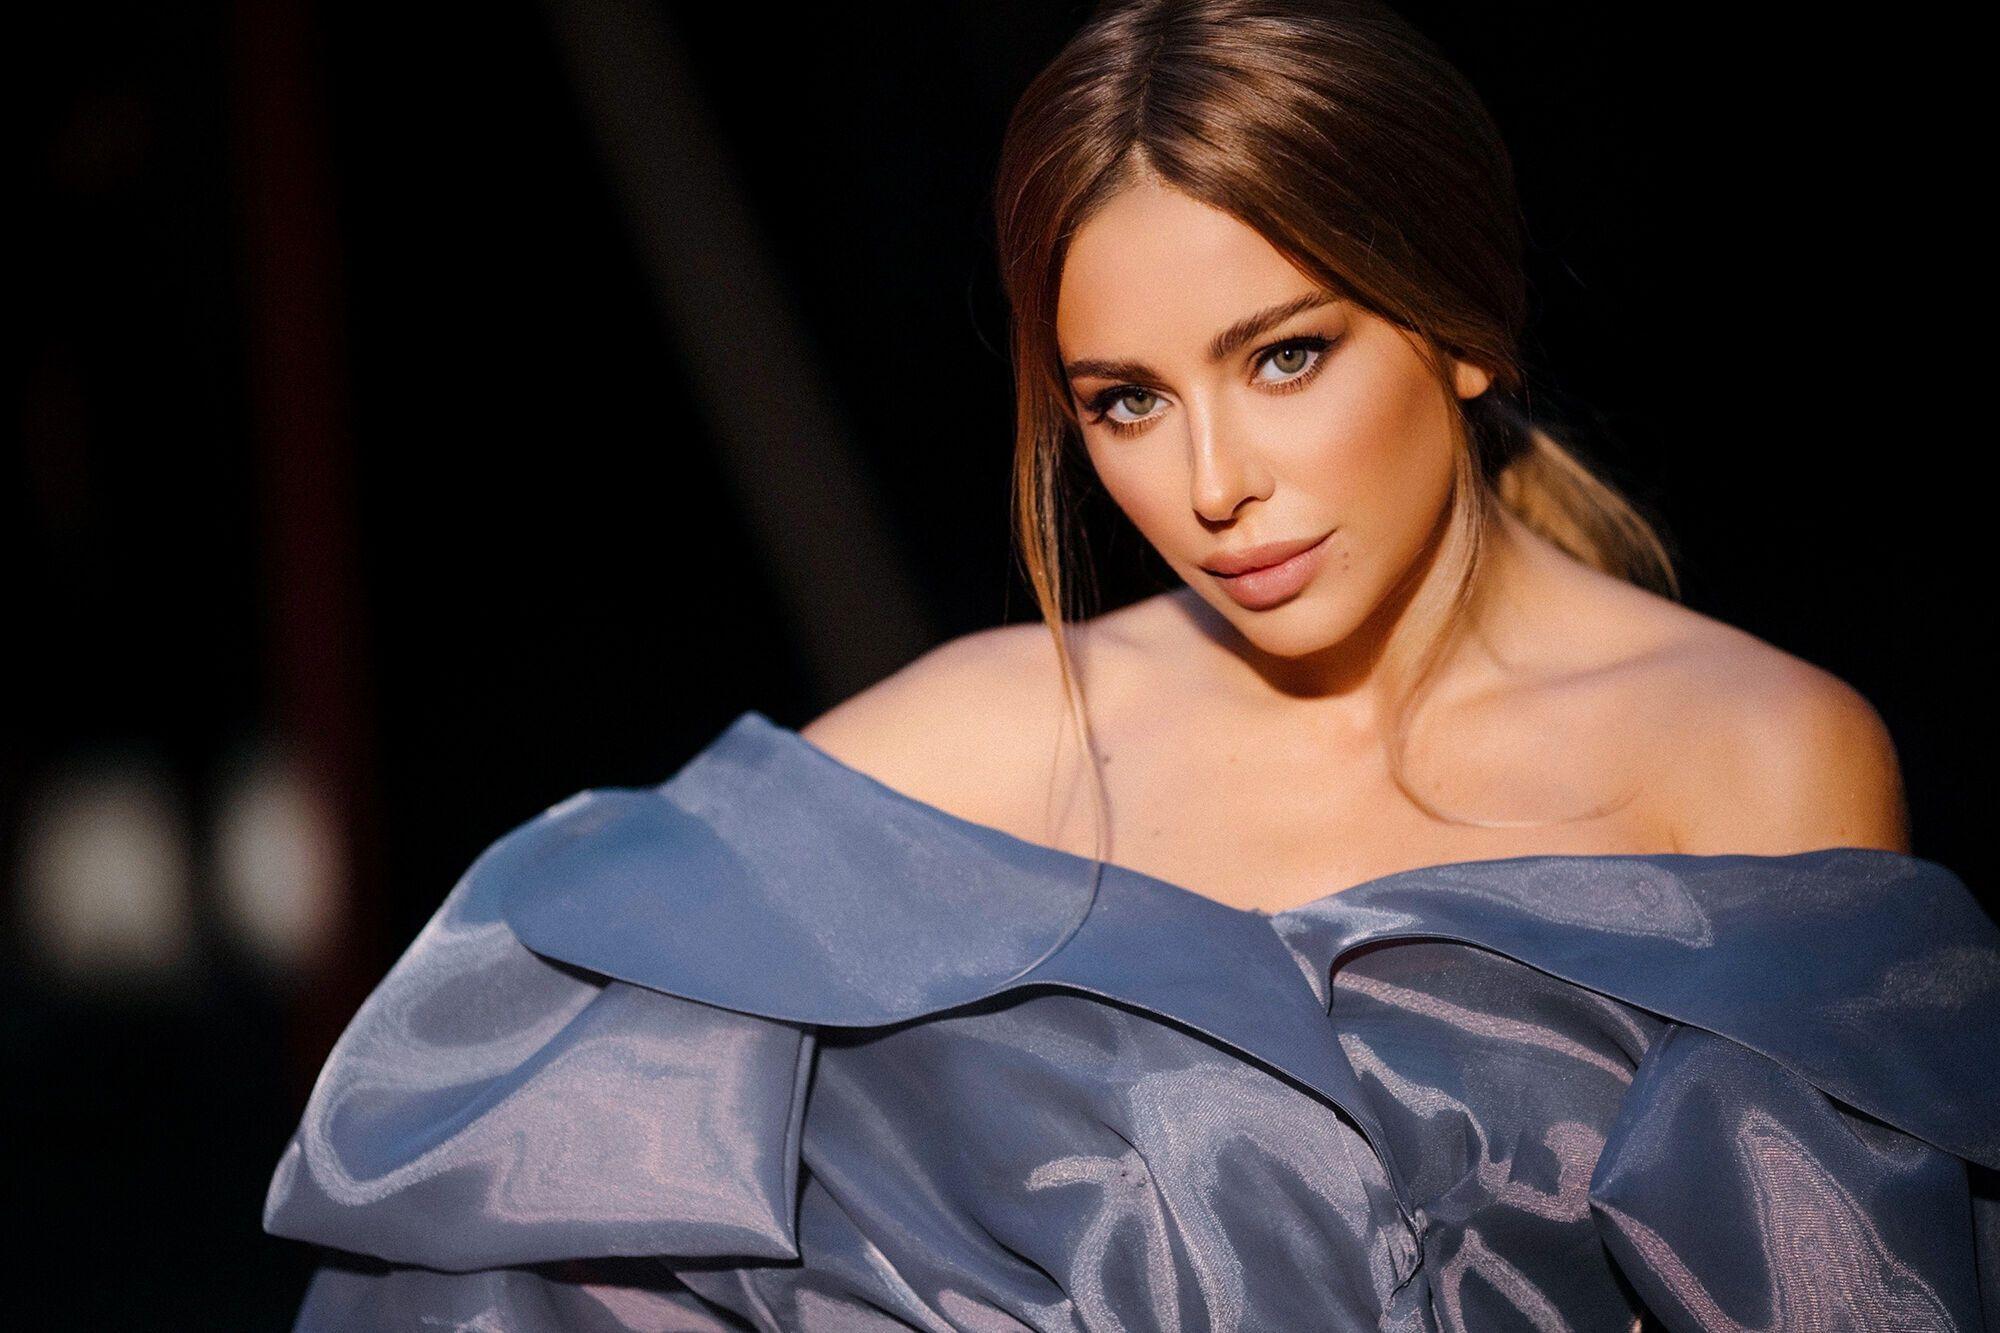 Співачка в легкій сукні.